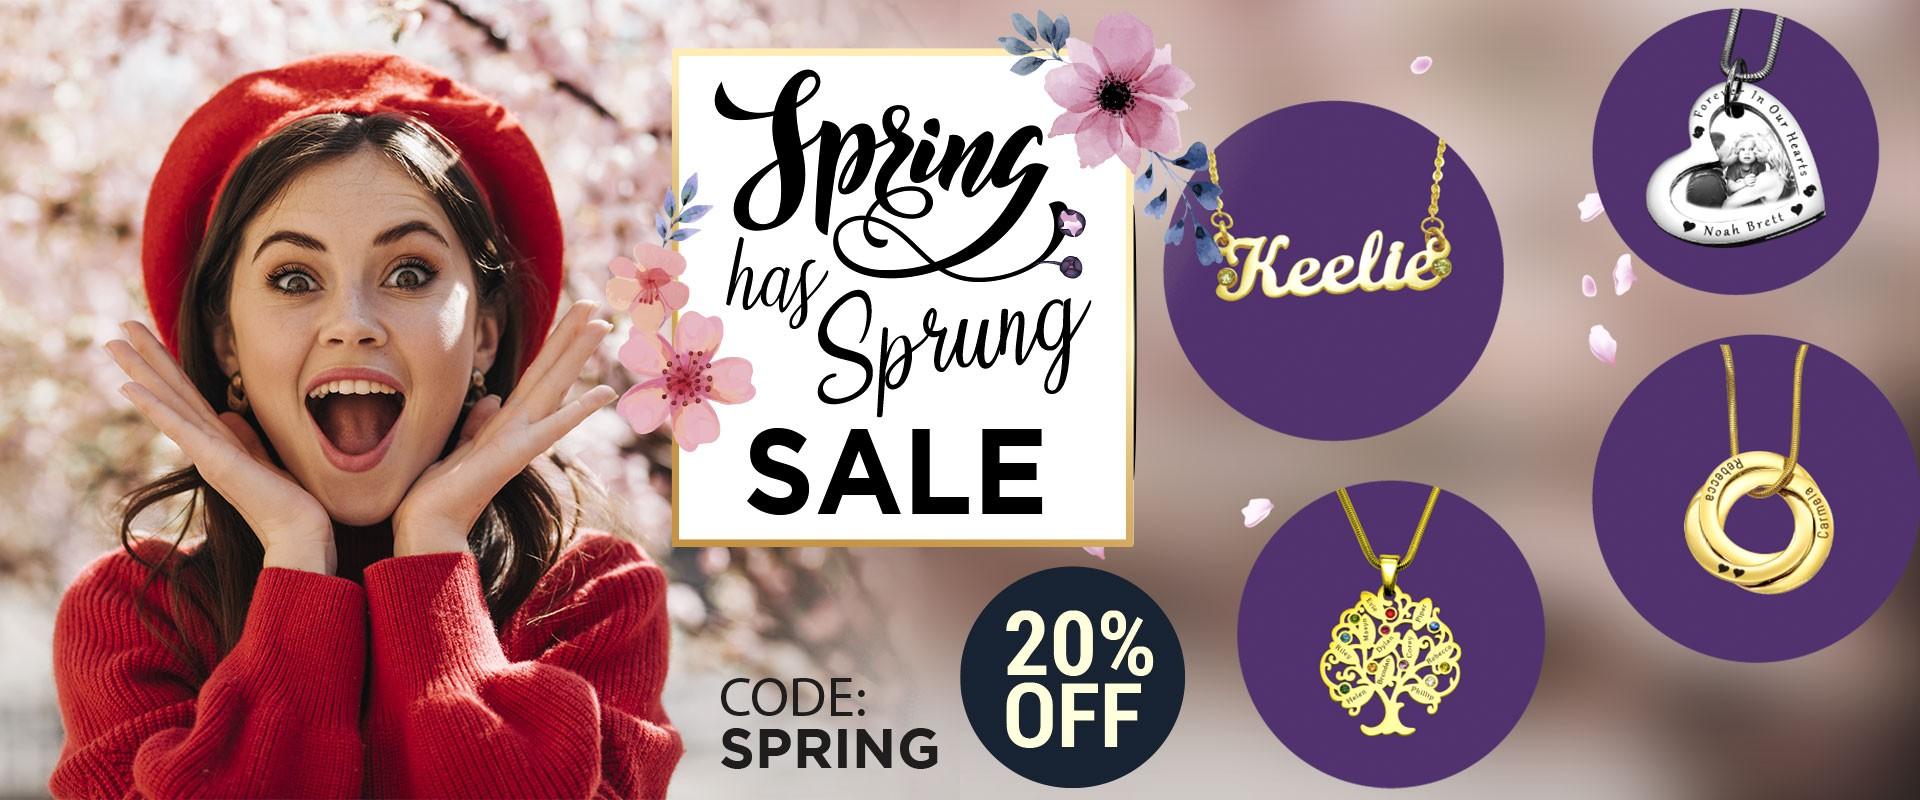 Belle Fever Spring Has Sprung Sale